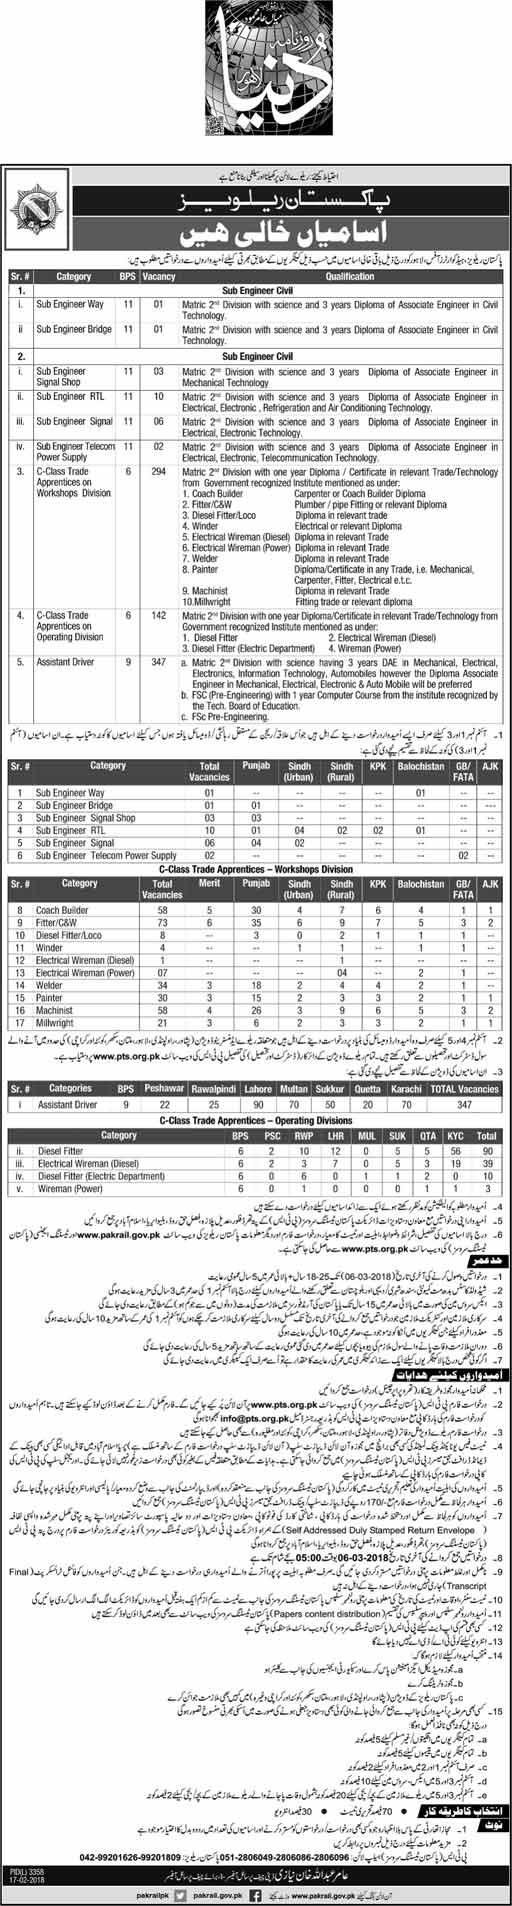 ADVERTISEMENT REGARDING VACANCIES IN PAKISTAN RAILWAYS DEPARTMENT